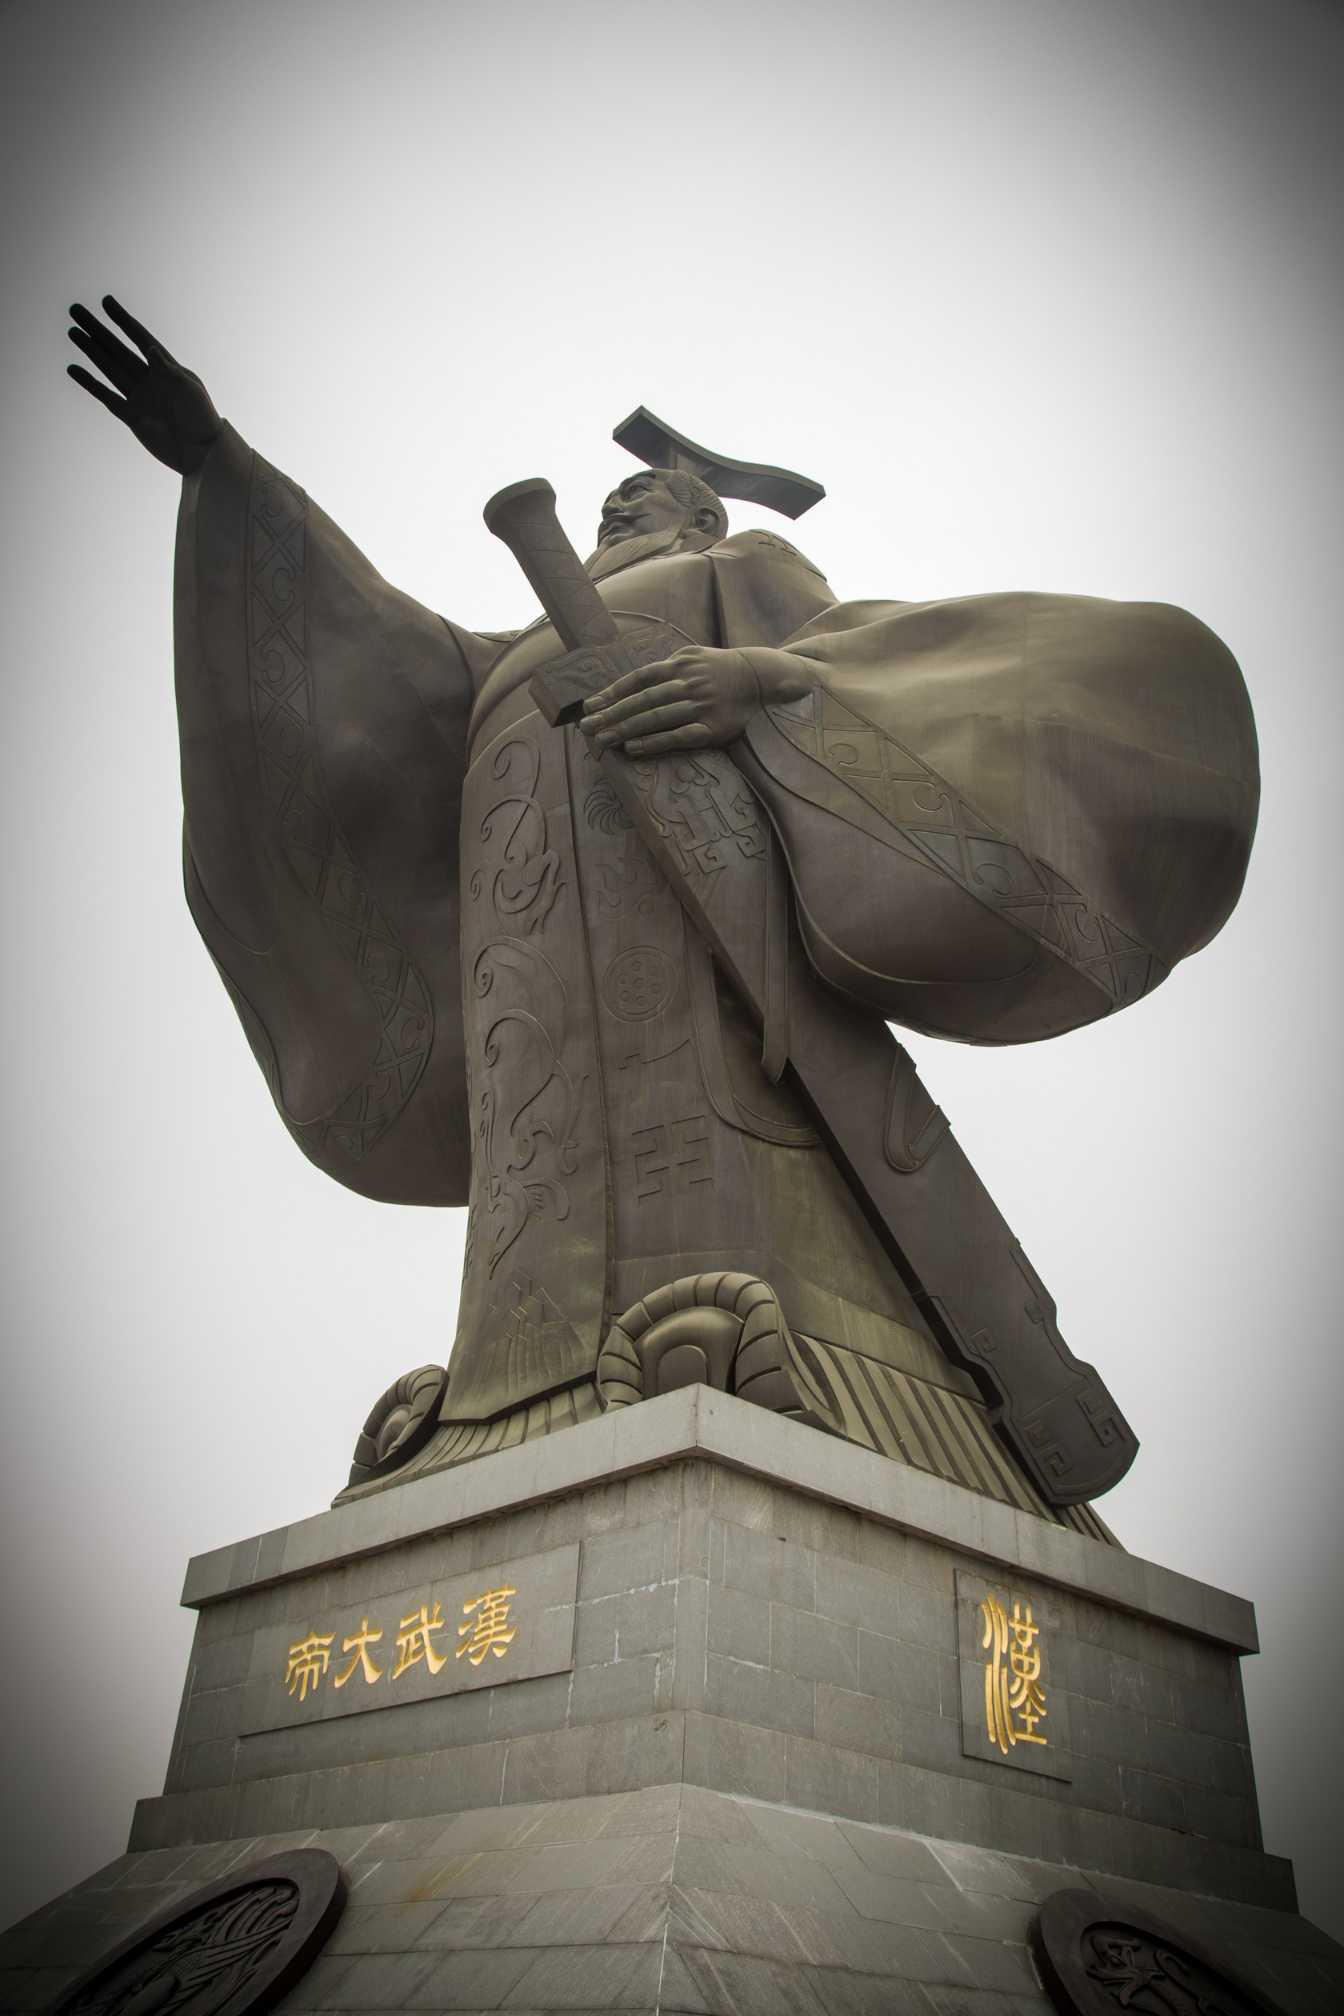 聚师网新语 千古一帝:怎么样铸就汉武帝国